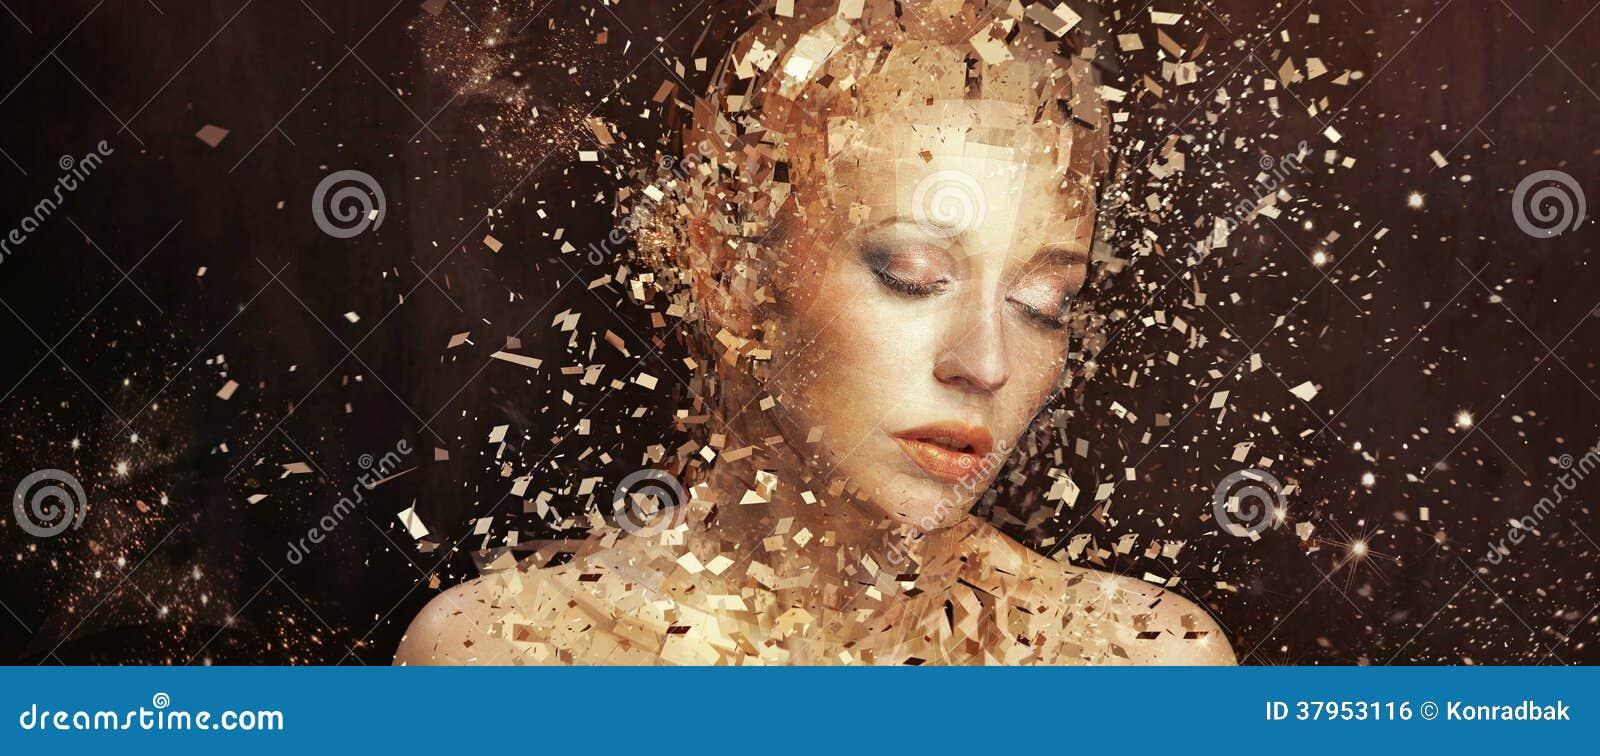 Foto del arte de la mujer de oro que astilla a los millares elementos